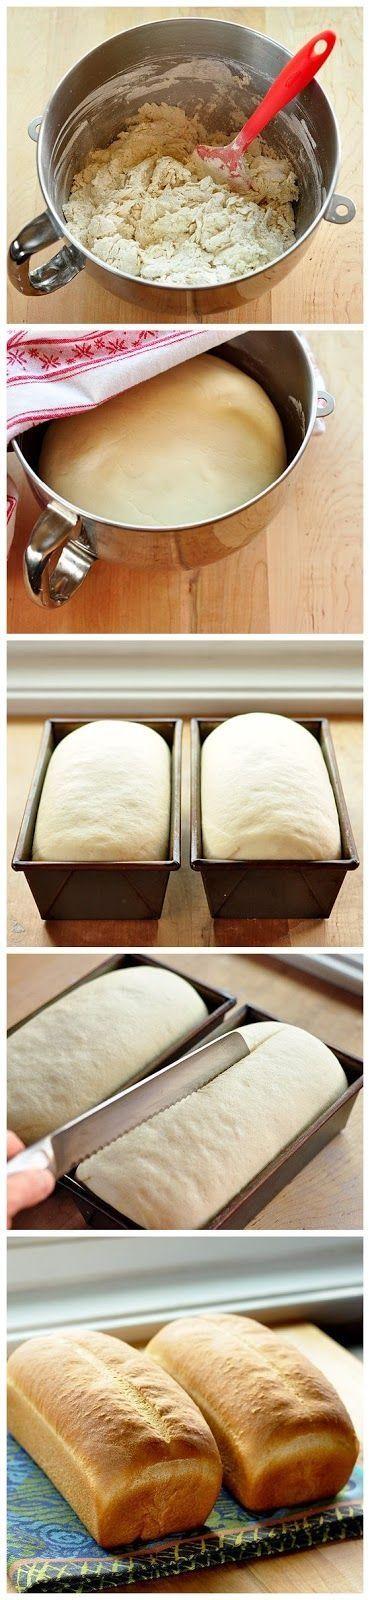 Como fazer pão branco básico para sanduíche. Fotografia: Alana em Indulgy.